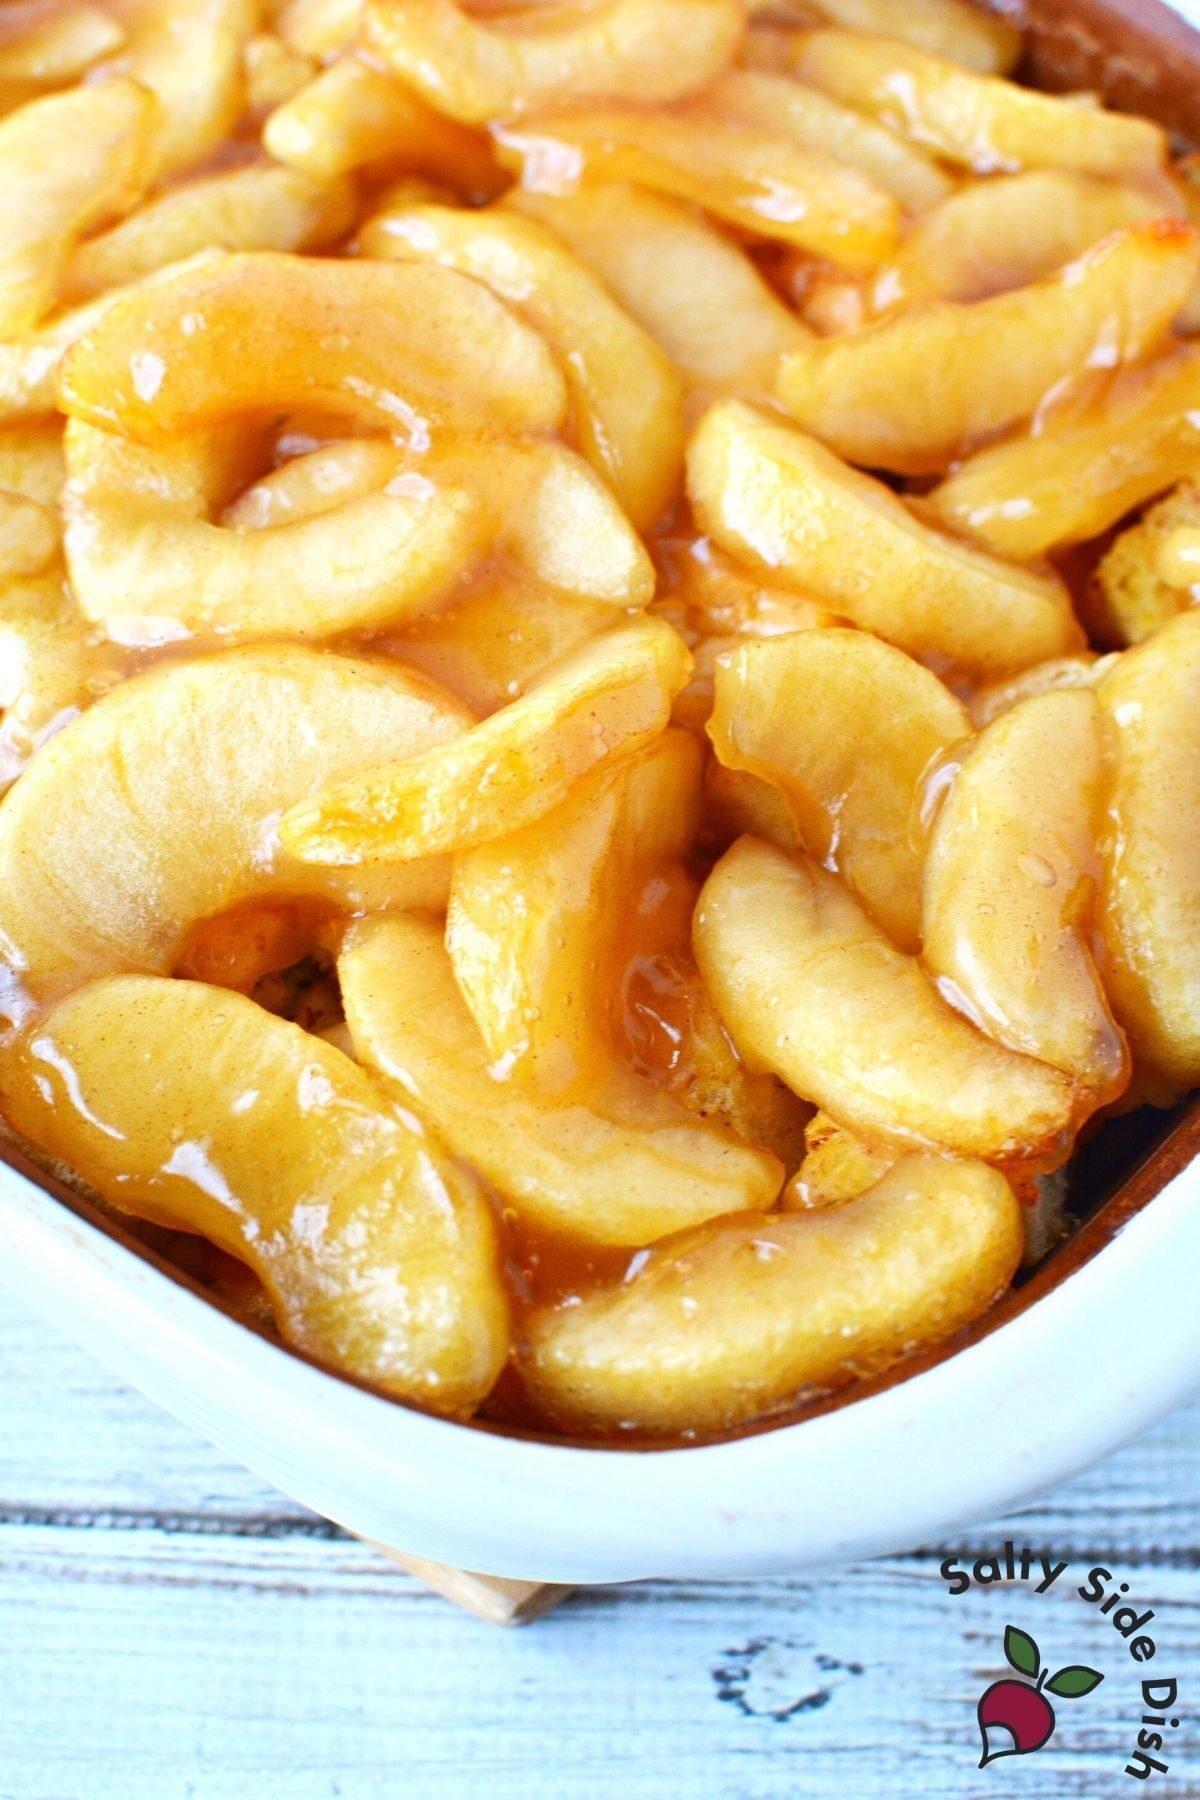 apple pie breakfast bake in a white casserole dish.